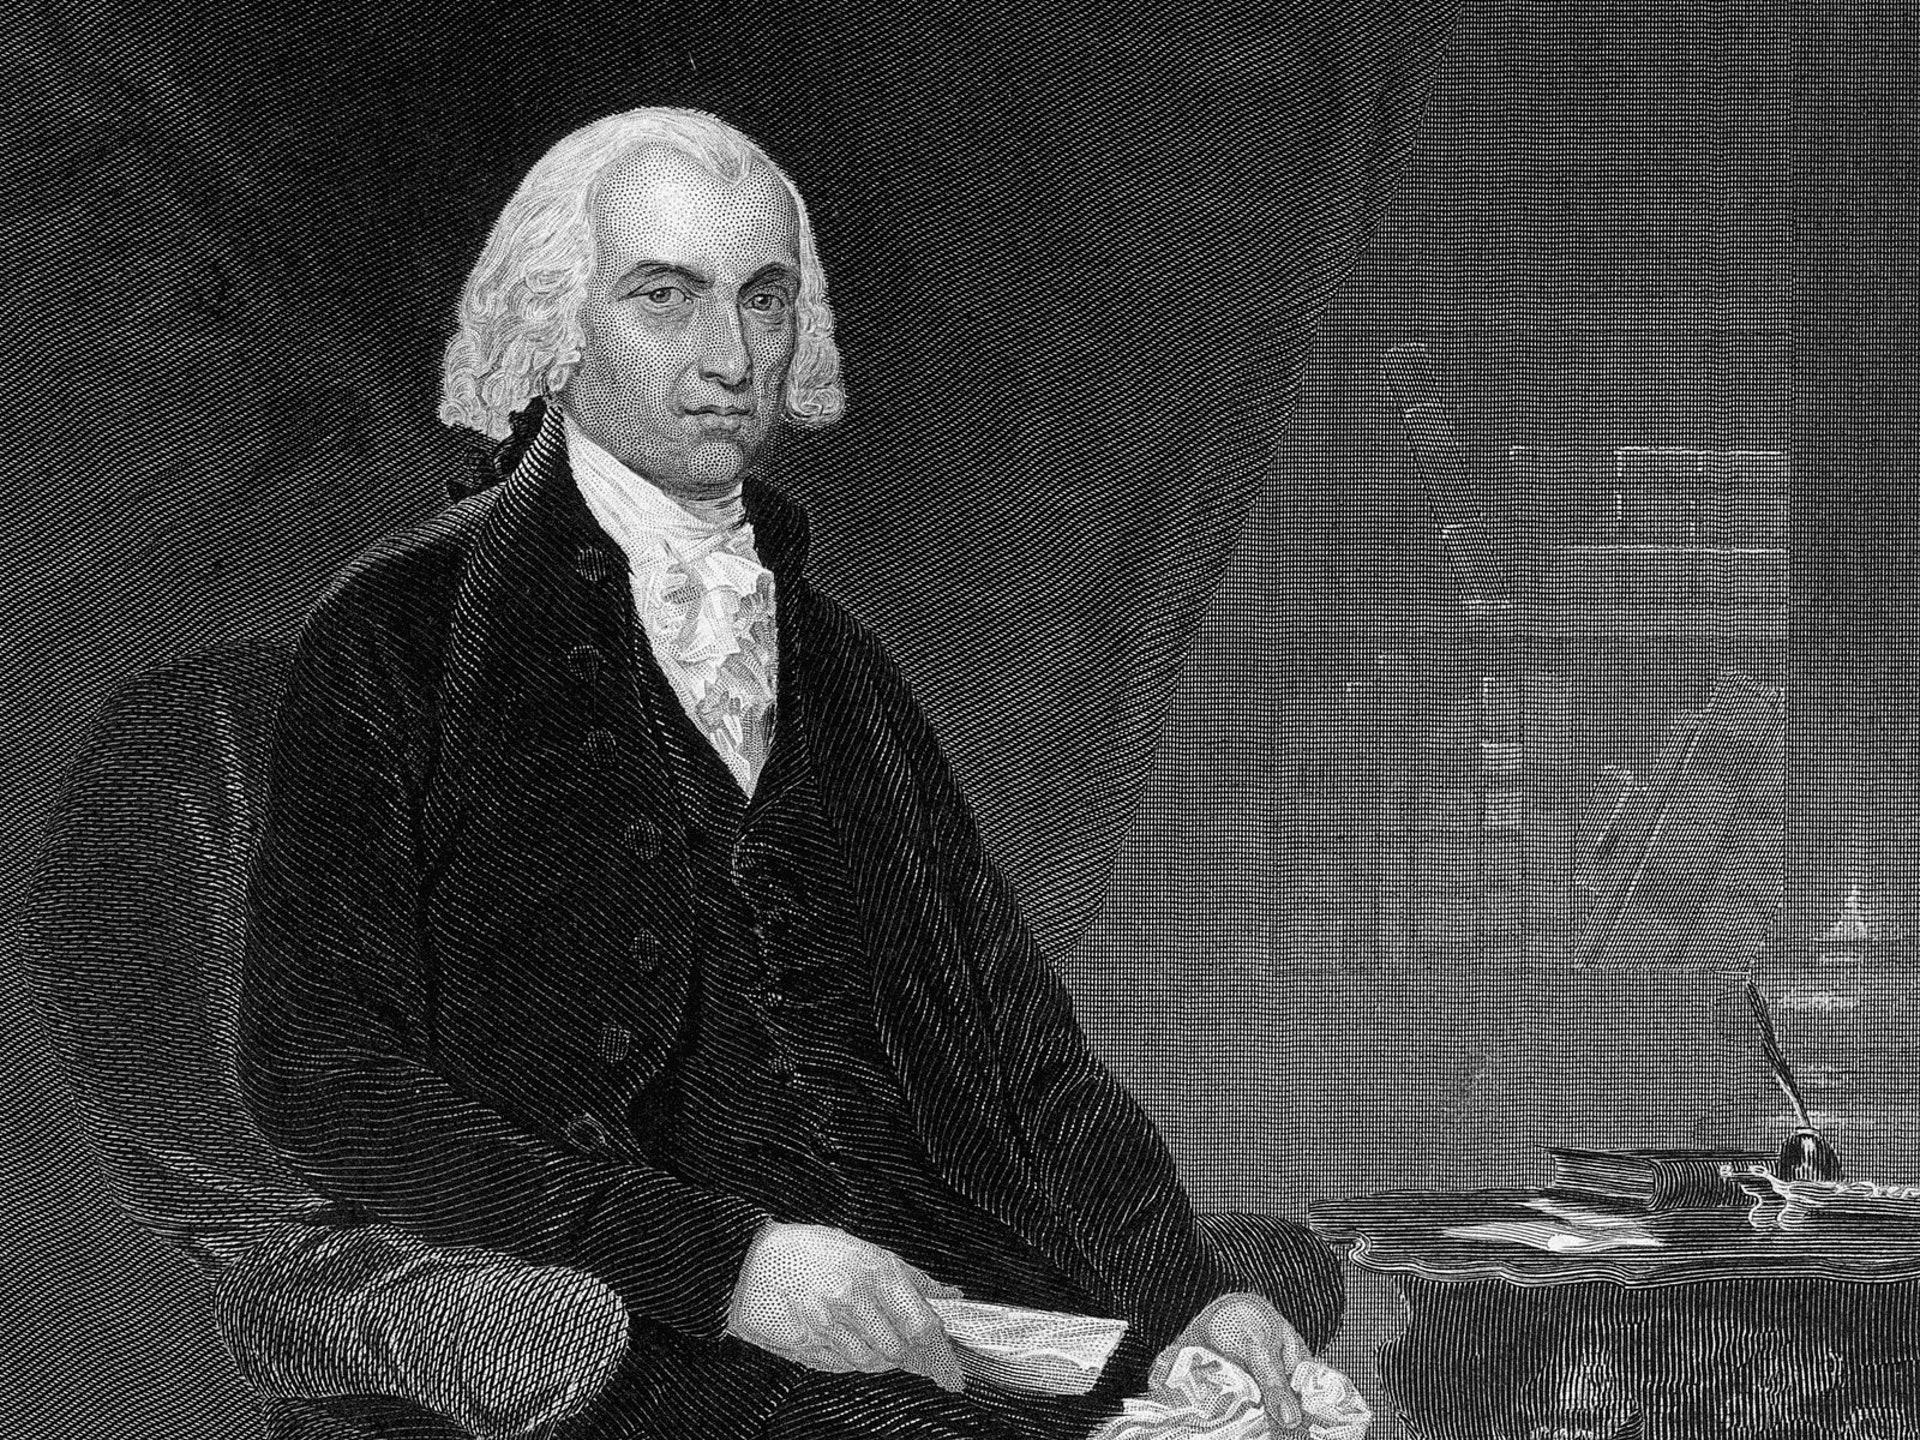 麥迪遜(James Madison)在費城會議裏極力主張多數民主的危害,以及保護少數富人菁英的權力,渠在日後也出任第四任美國總統。(Getty)